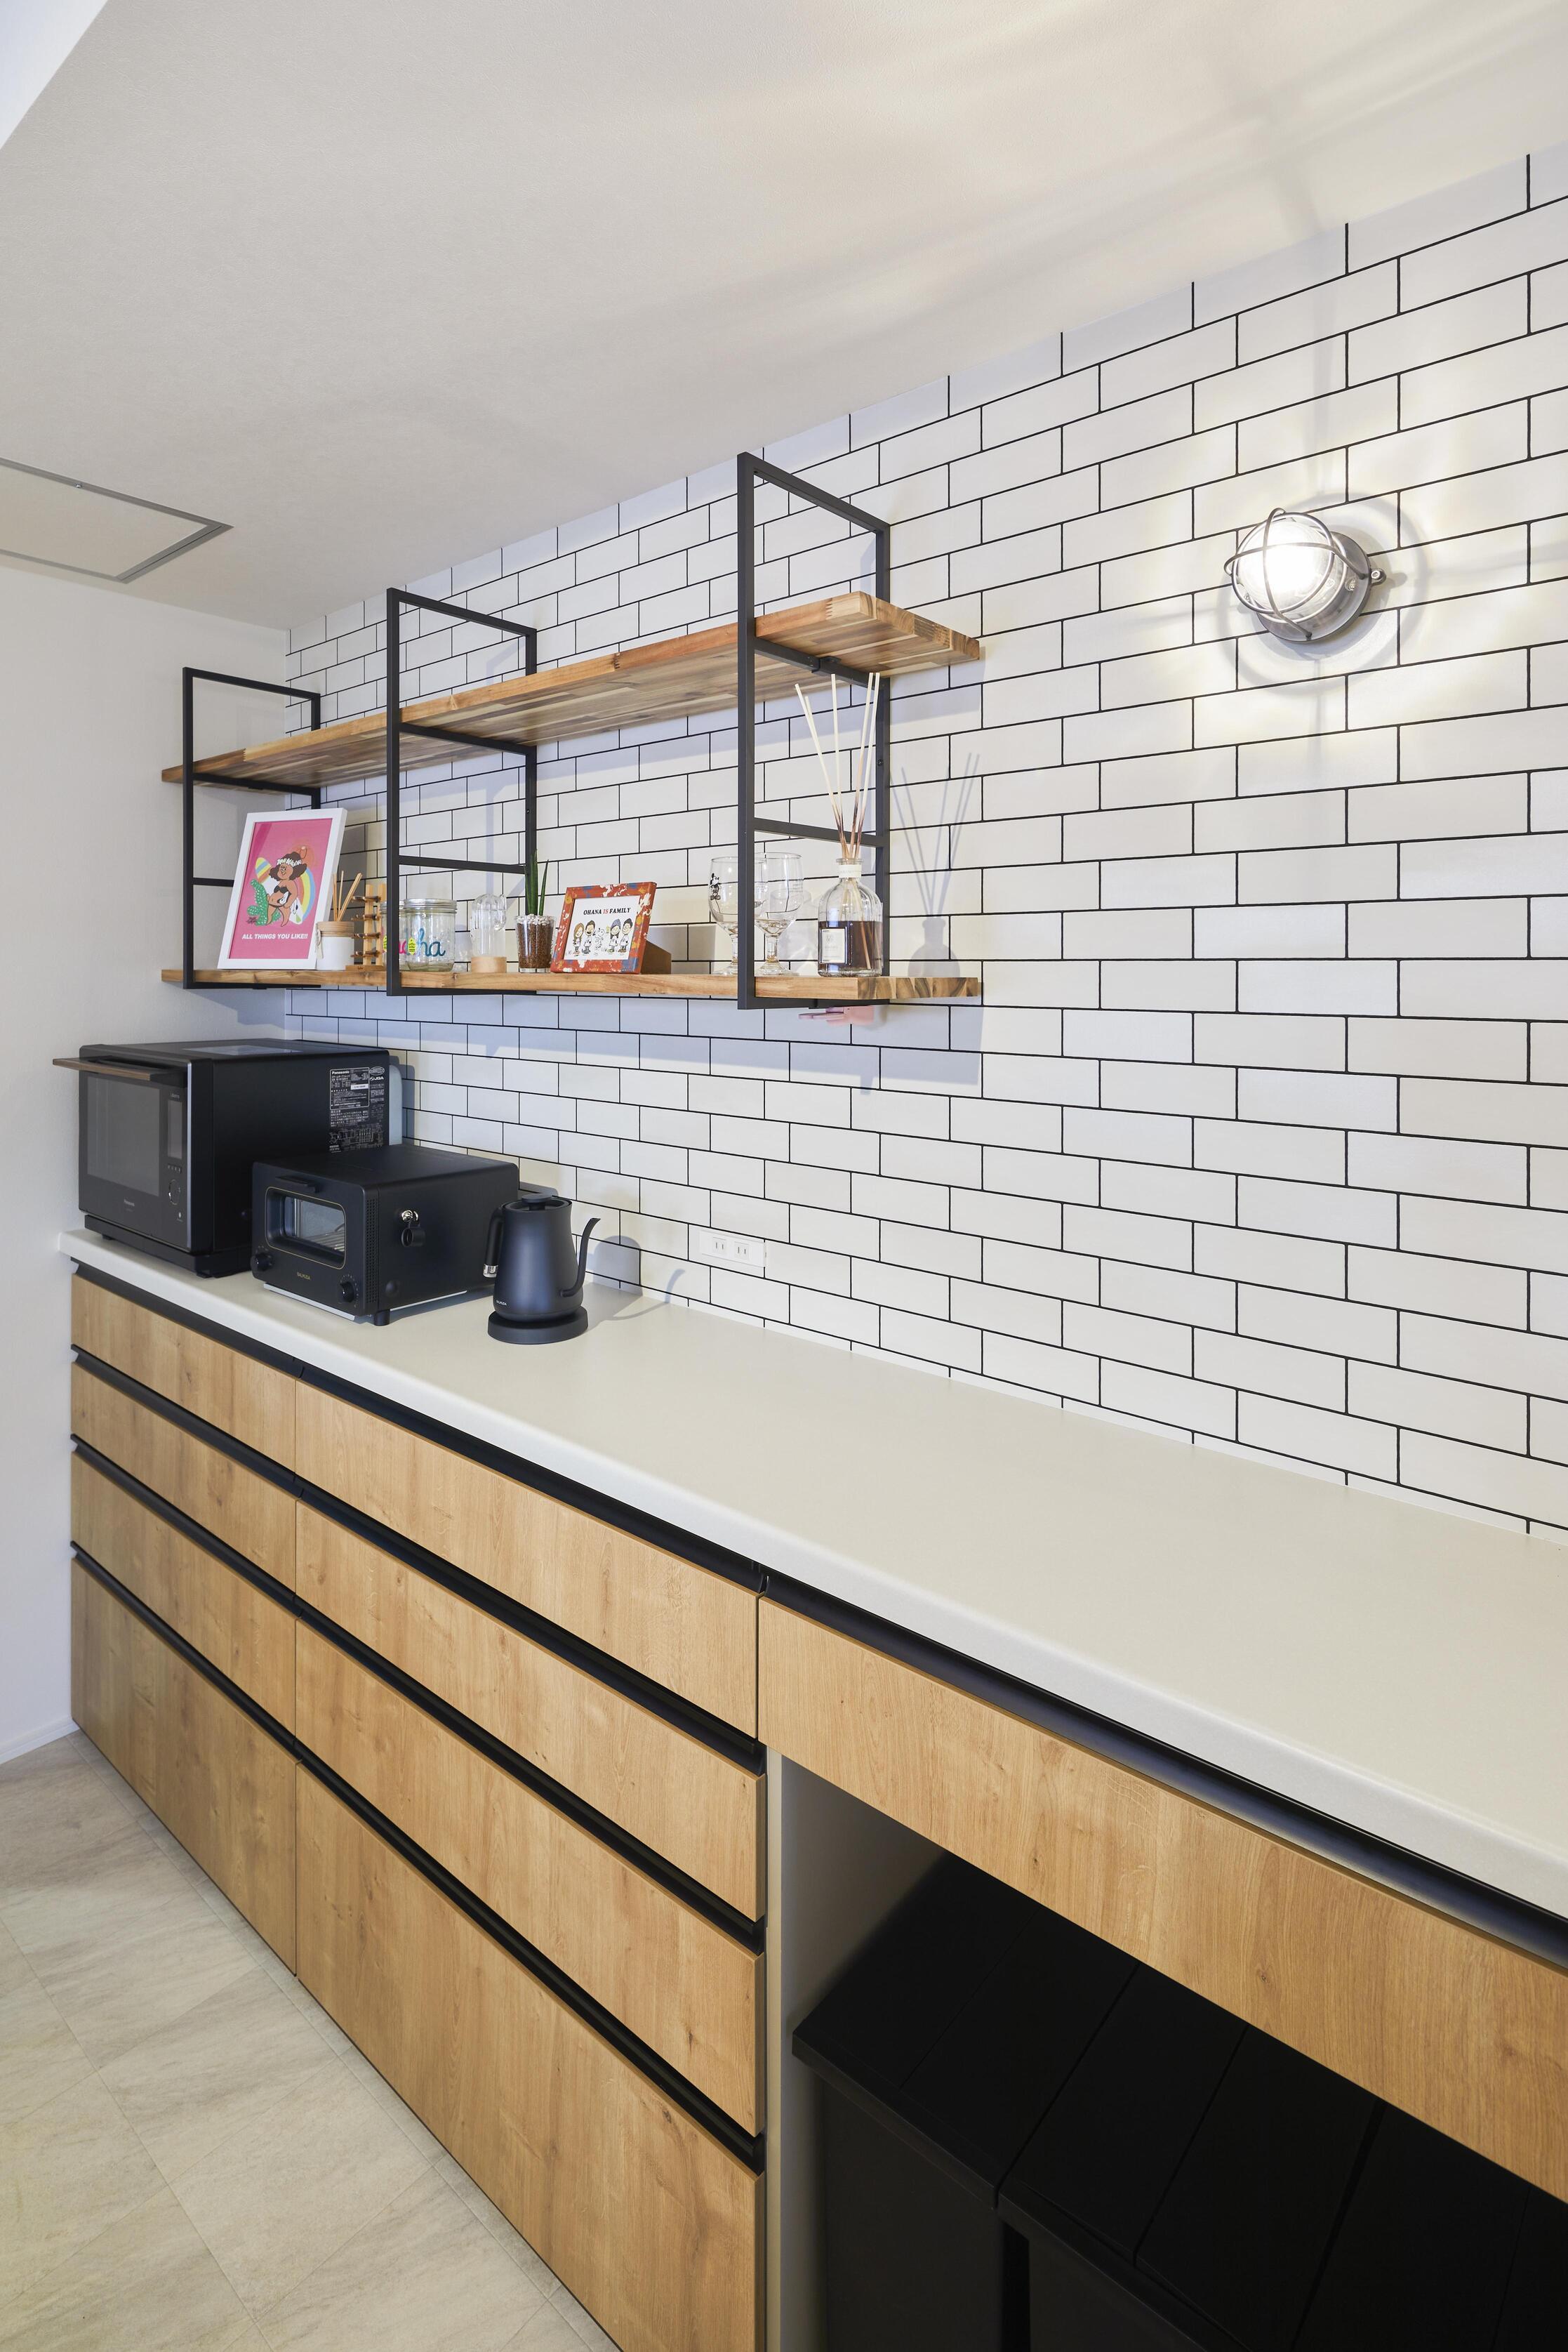 キッチンの背面にはタイルをあしらいオシャレなカフェのようなテイストに